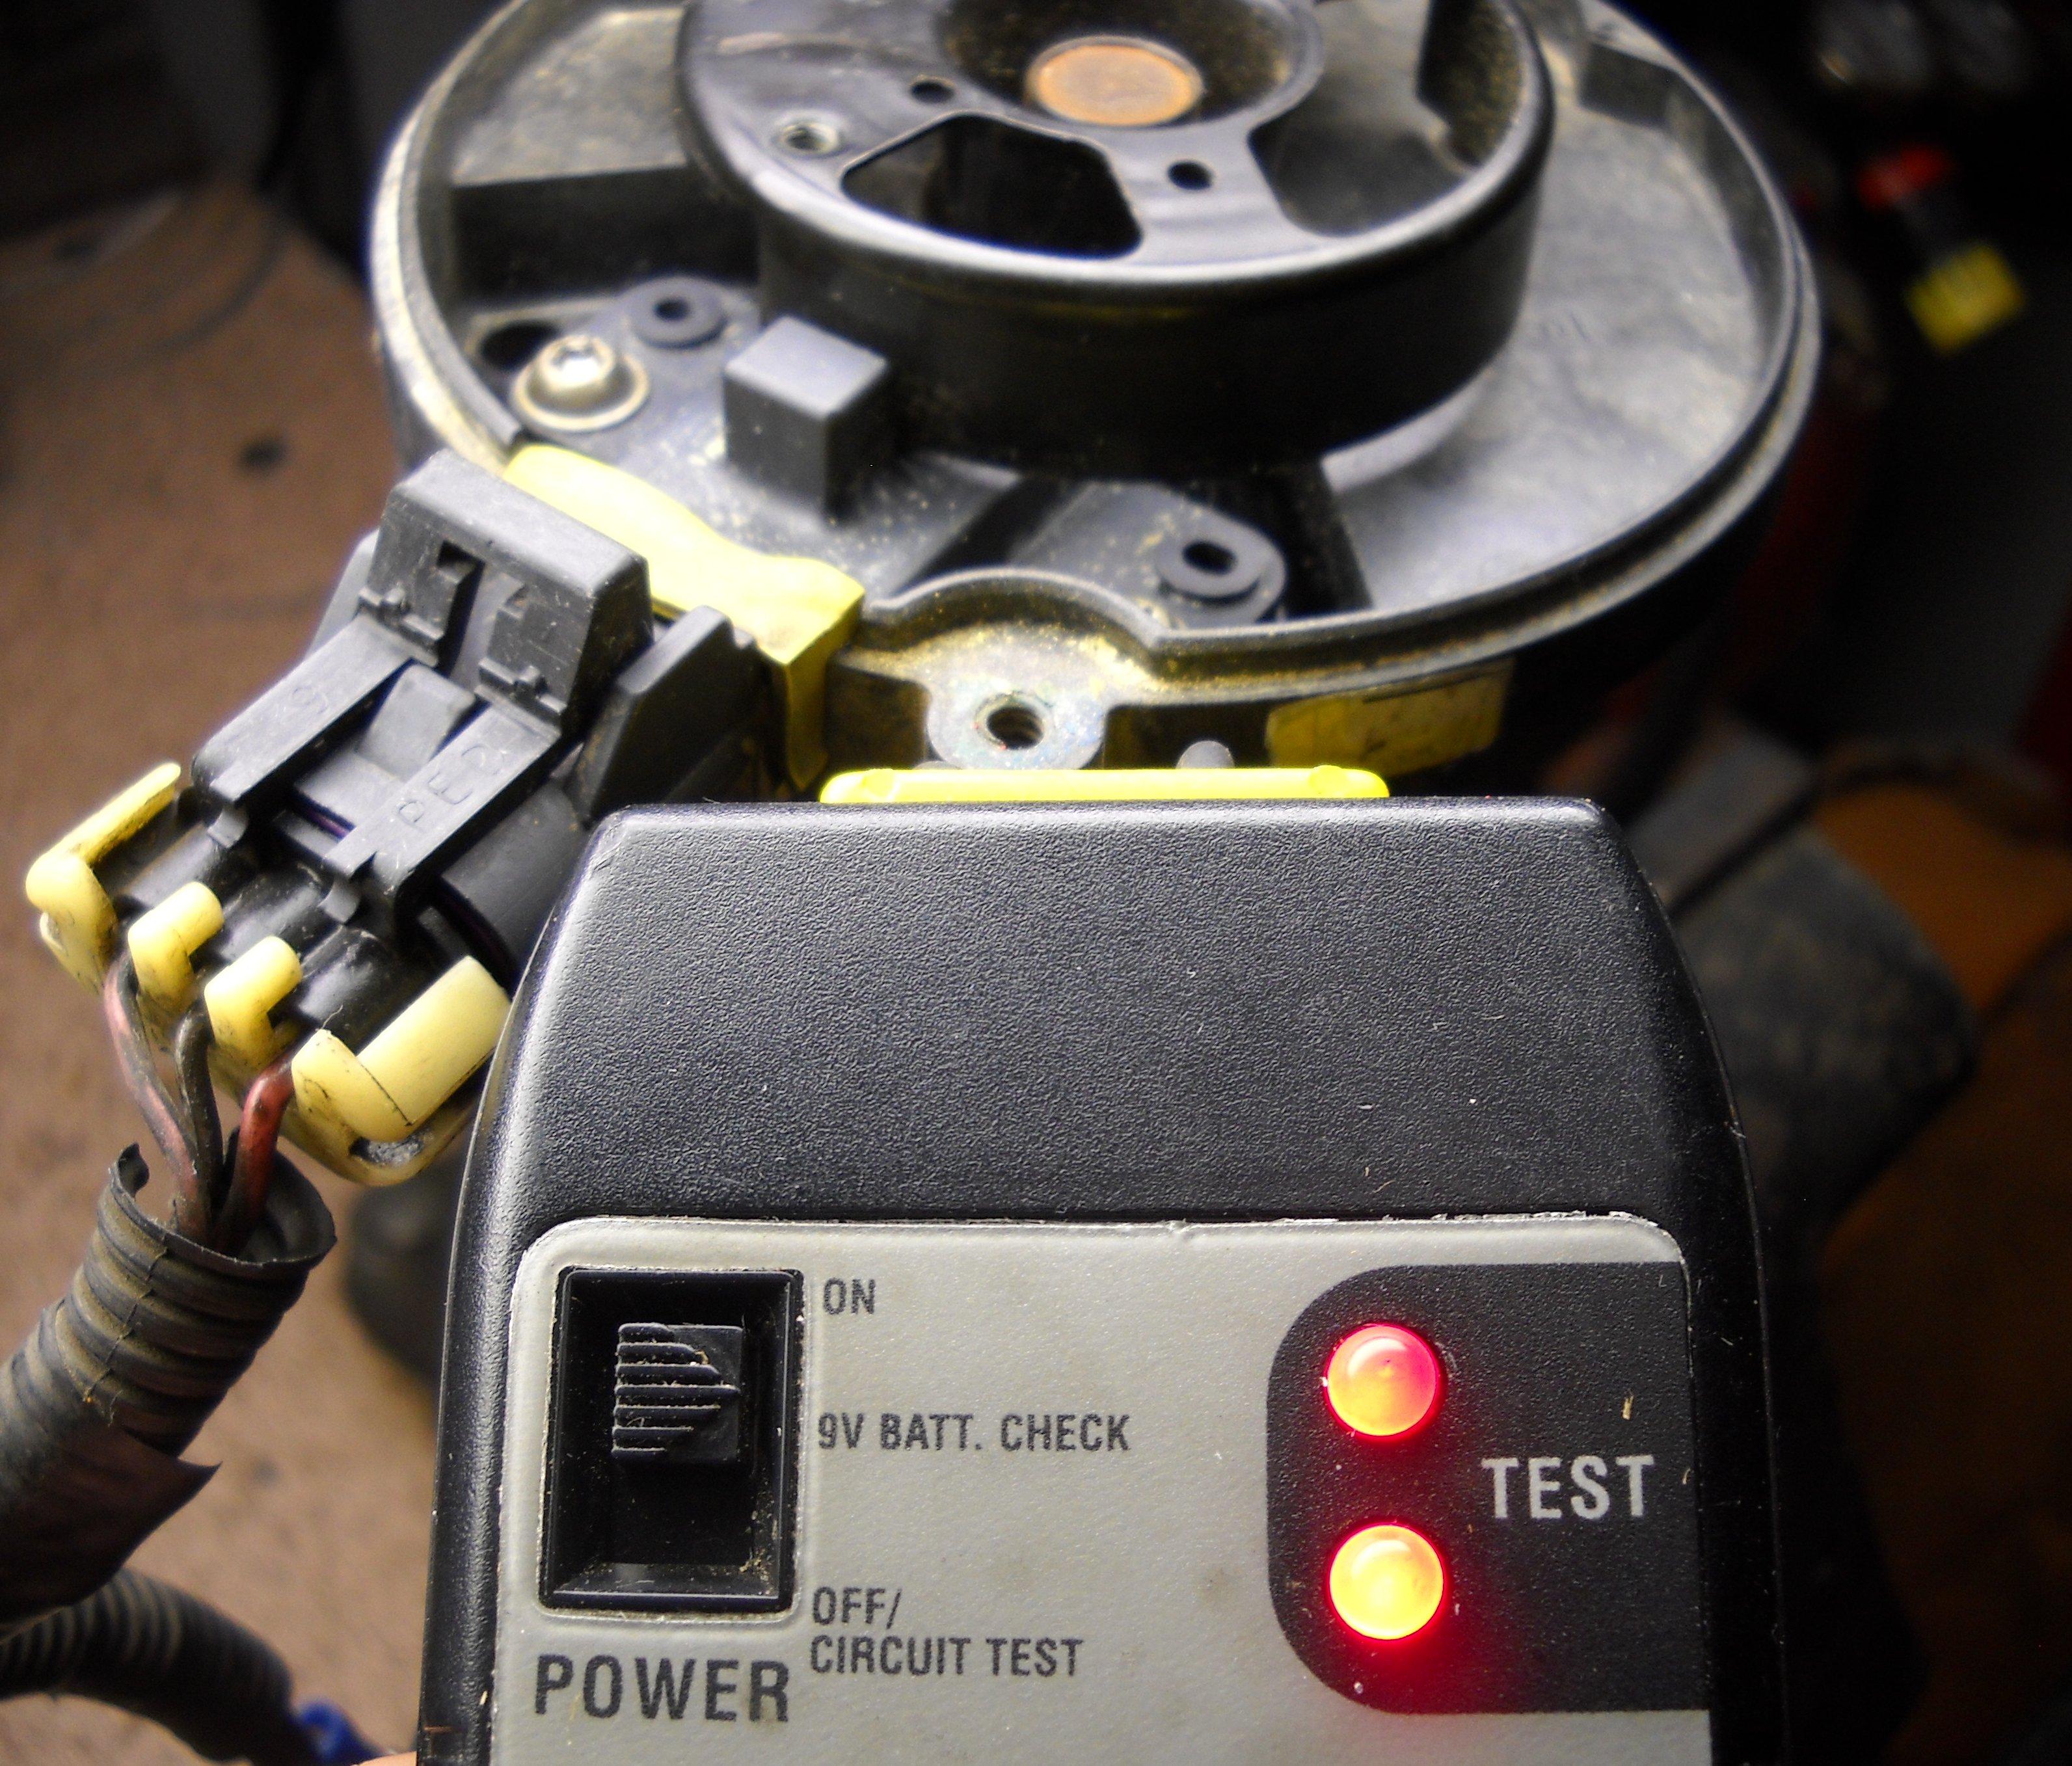 Dn 9463 Chevy Truck Wiring Diagram On Chevy 5 7 Vortec Crank Sensor Wiring